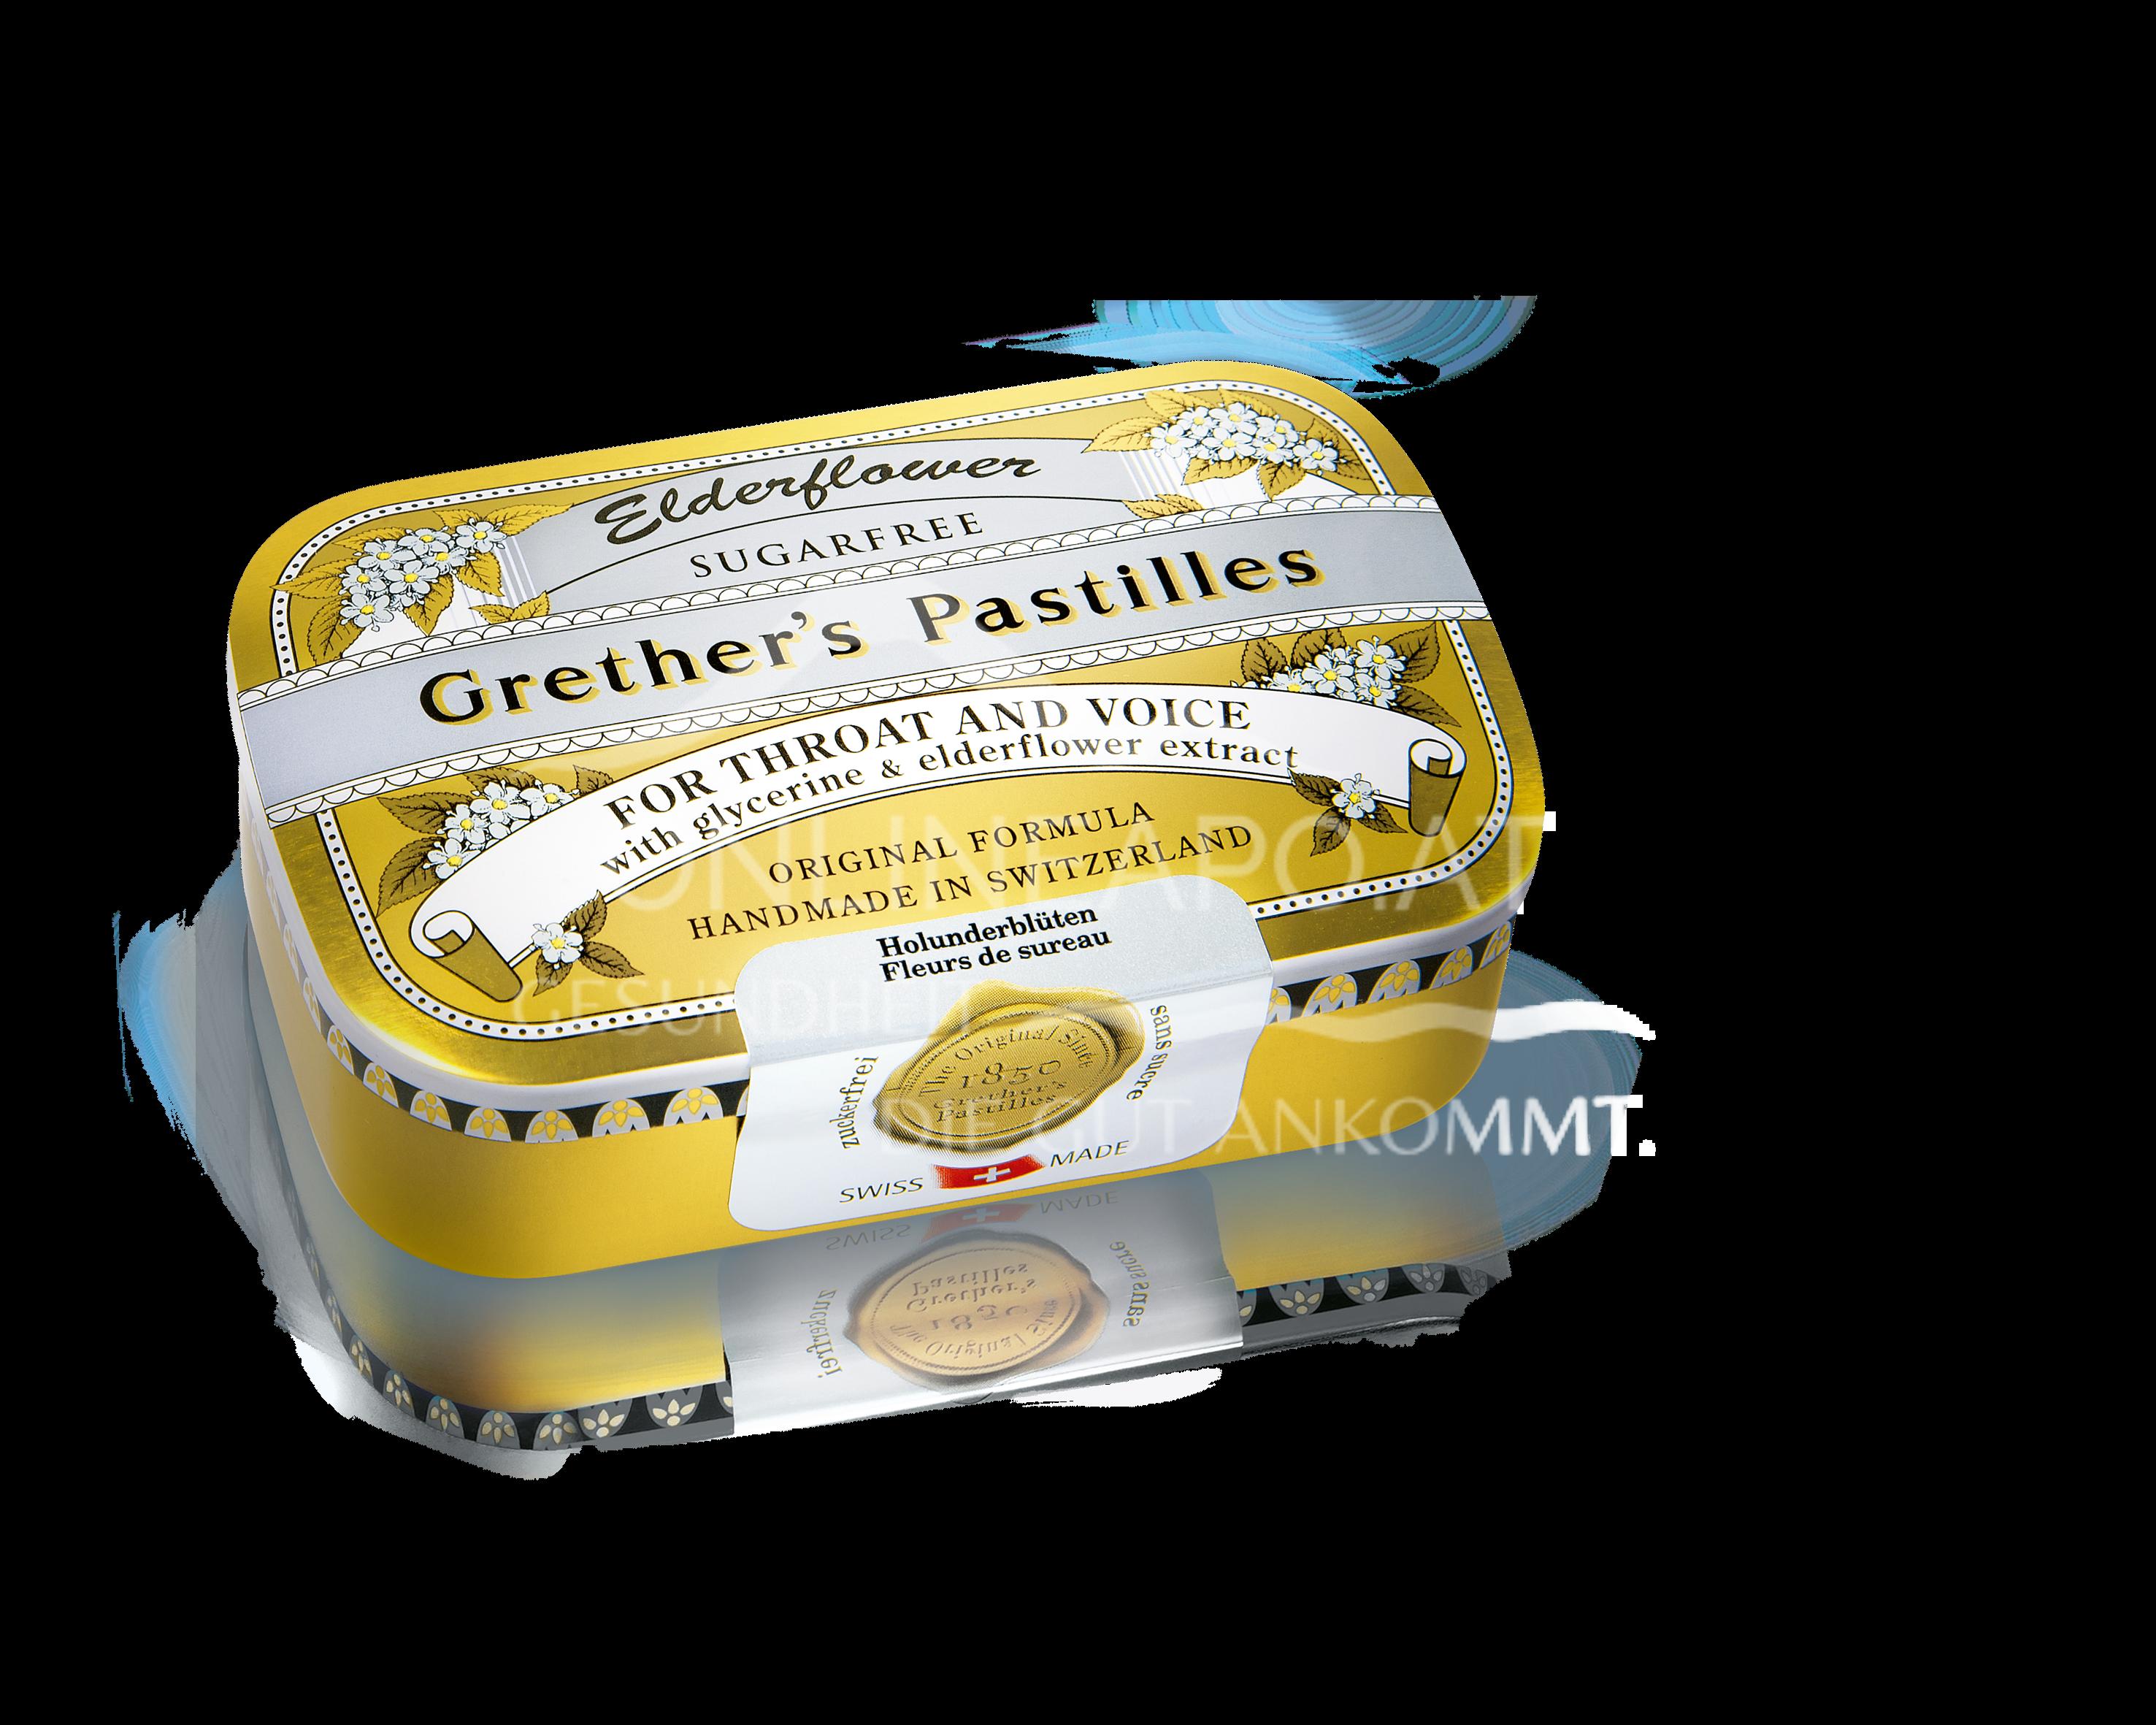 Grether's Pastilles Elderflower